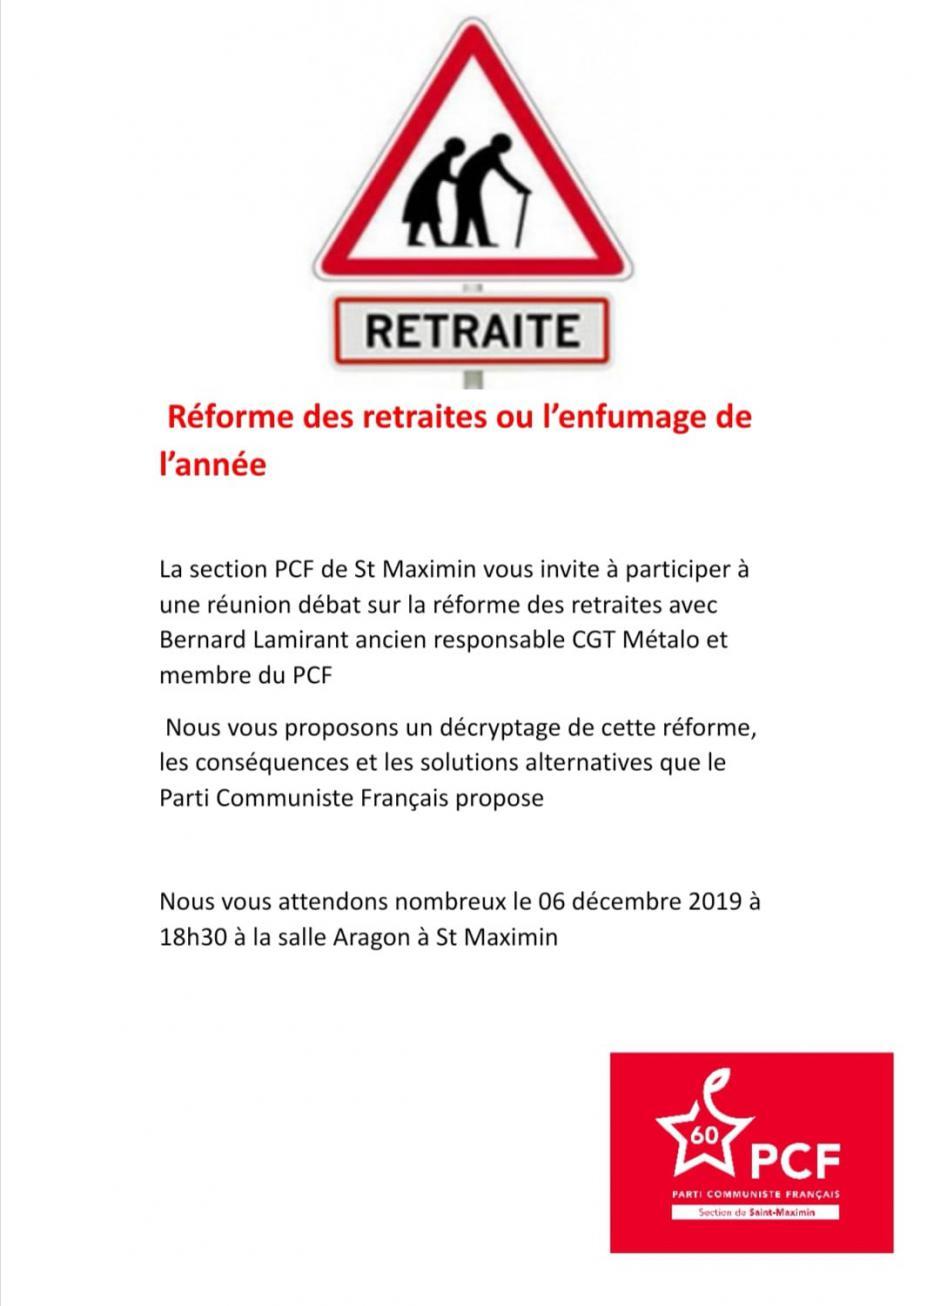 6 décembre, Saint-Maximin - PCF Saint-Maximin-Réunion-débat « Réforme des retraites »